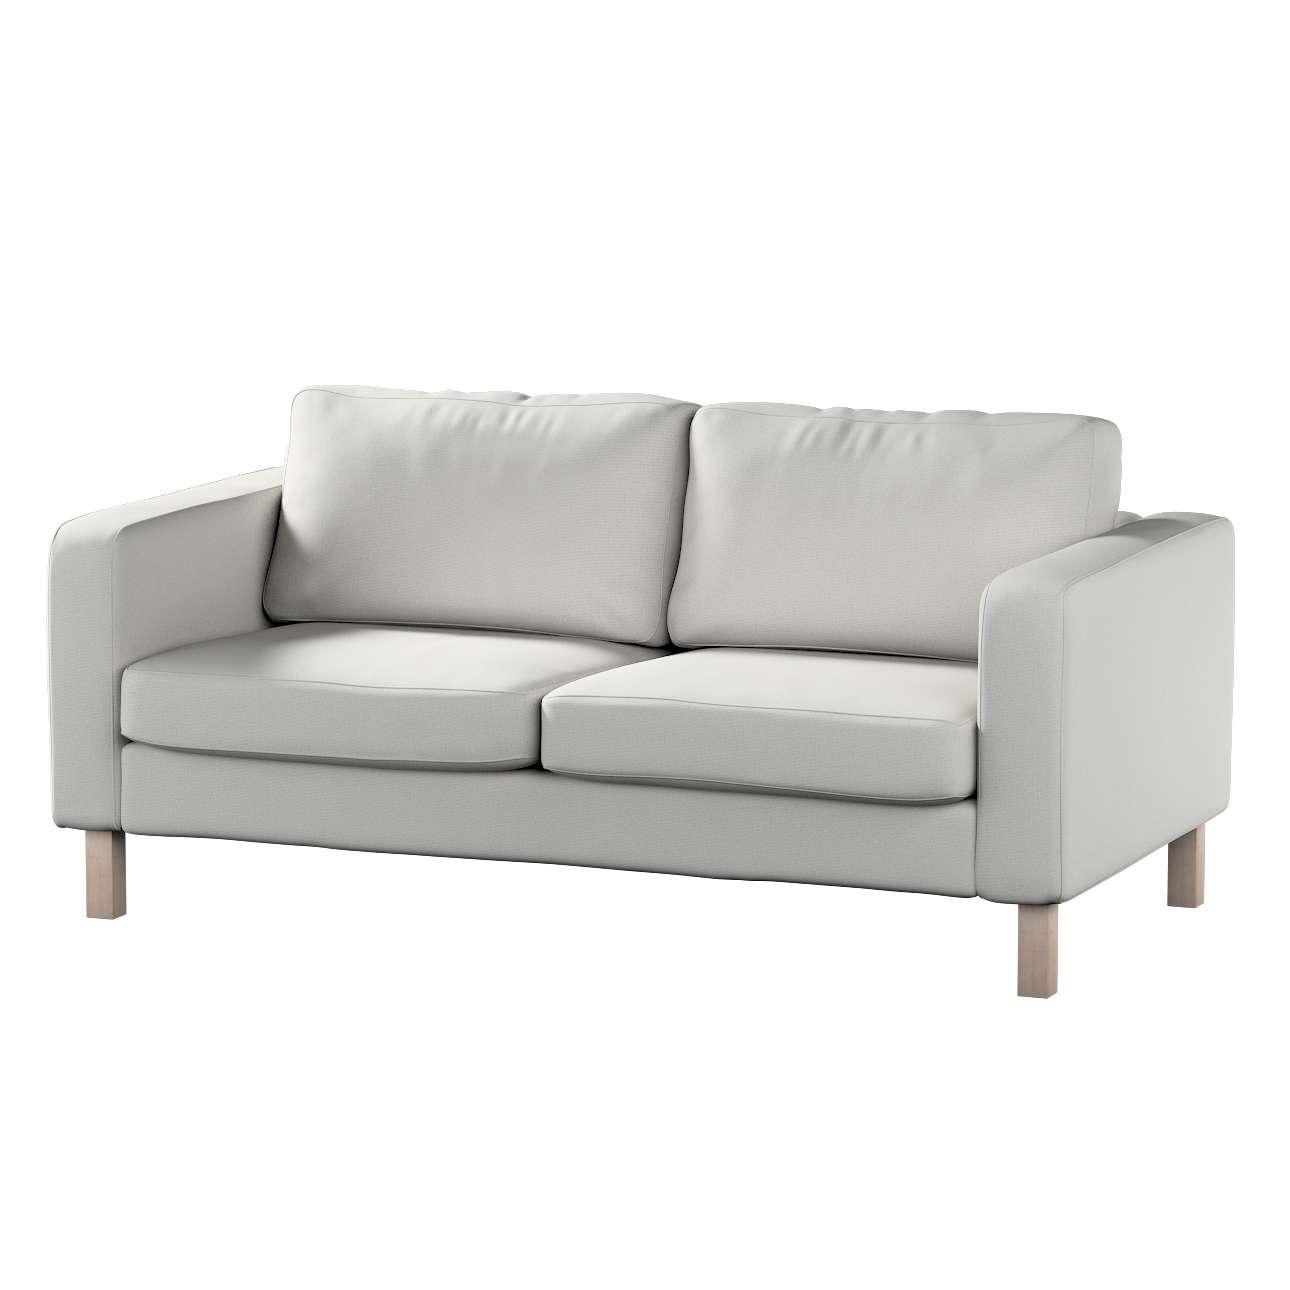 Karlstad 2-Sitzer Sofabezug nicht ausklappbar Sofahusse, Karlstad 2-Sitzer von der Kollektion Etna, Stoff: 705-90